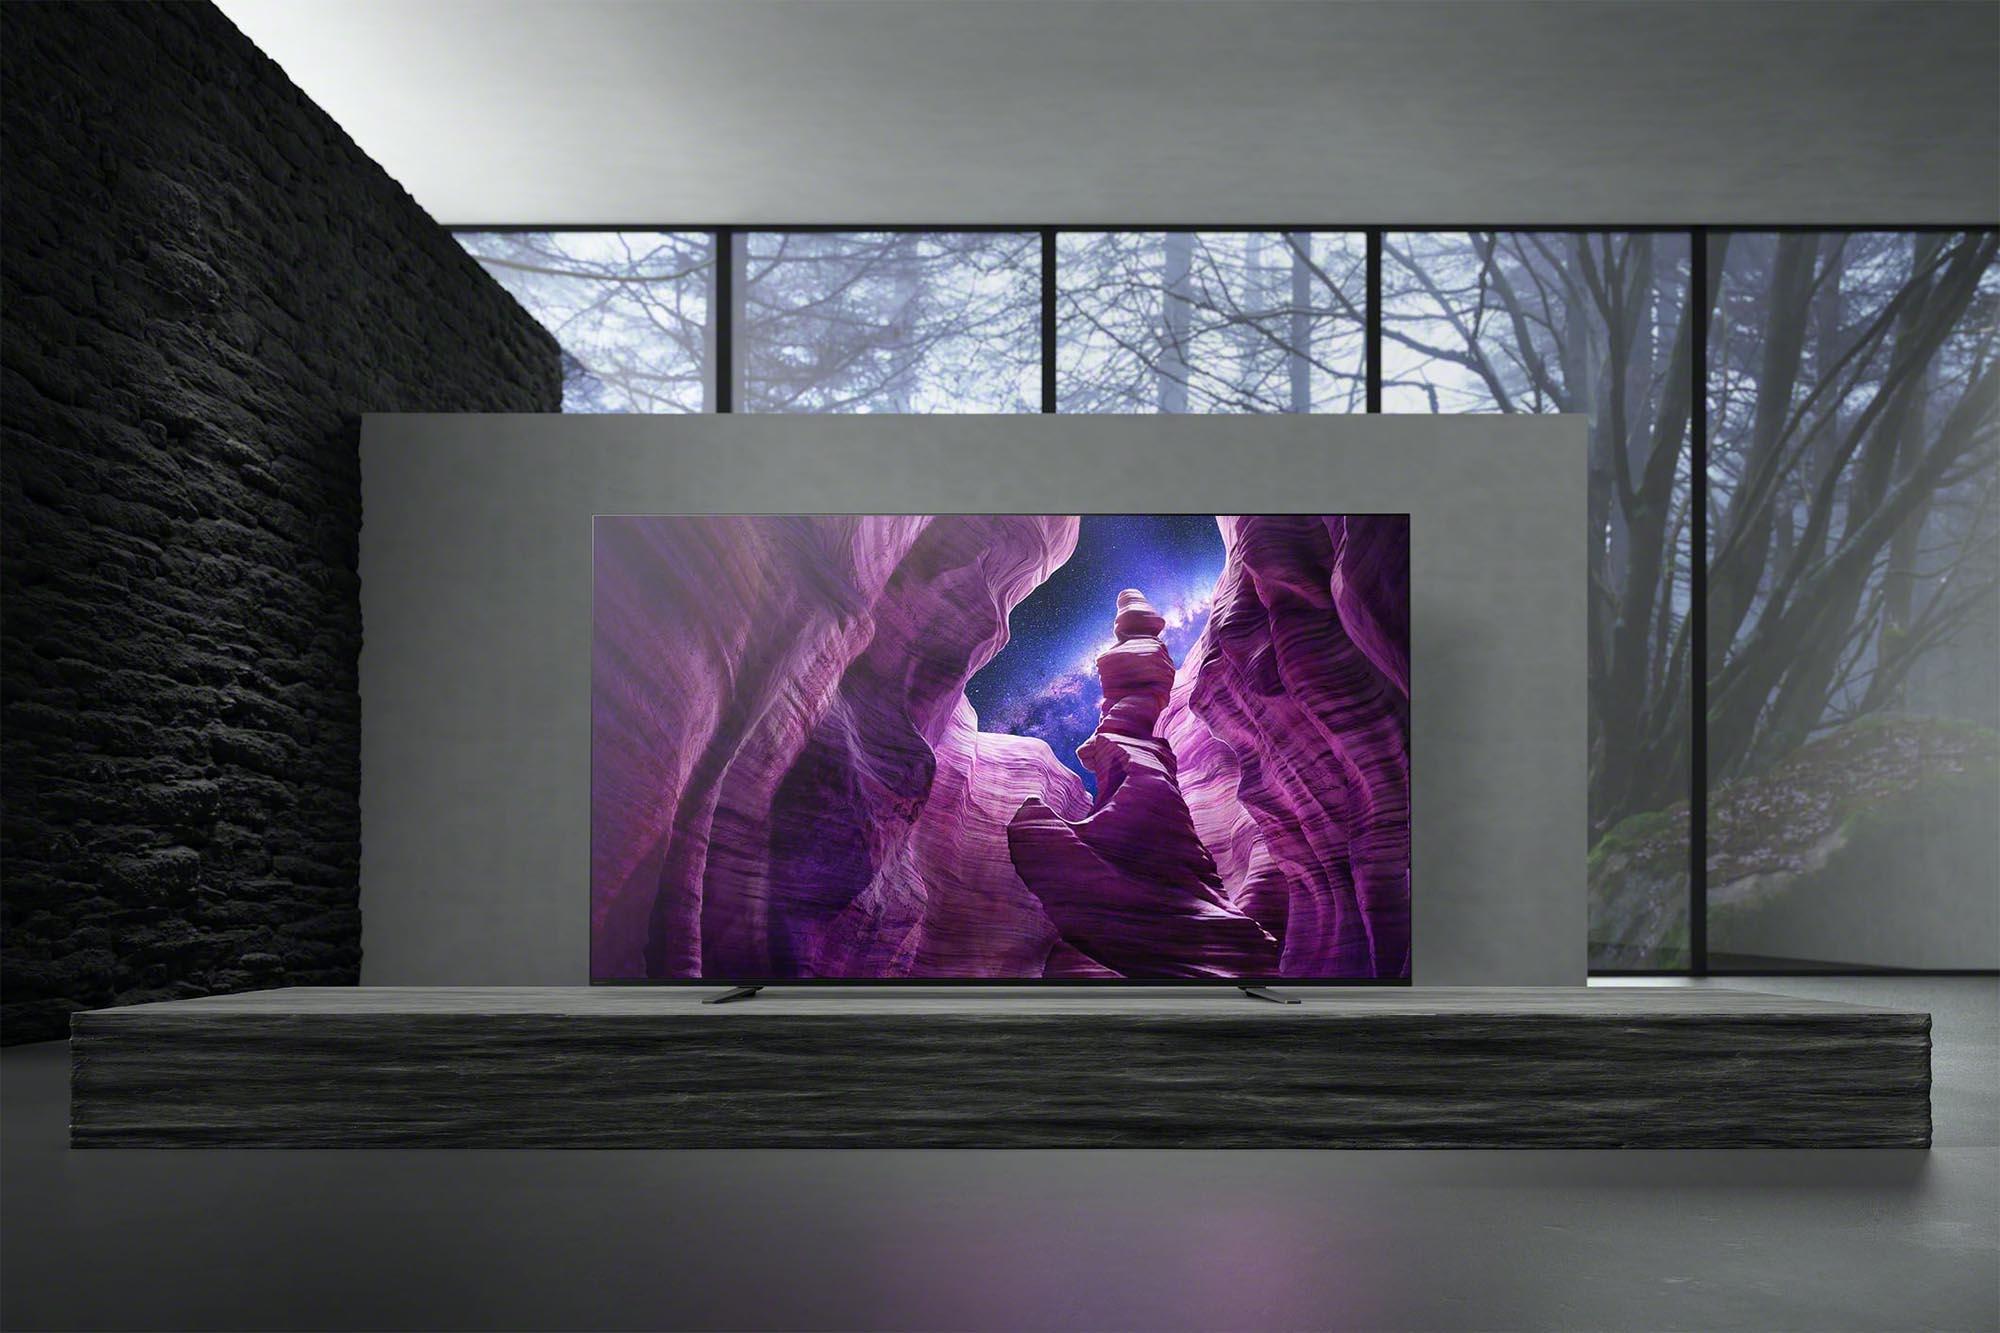 TV Sony Bravia mới 2020 - Chạm đến chuẩn giải trí cao cấp nhất - 8